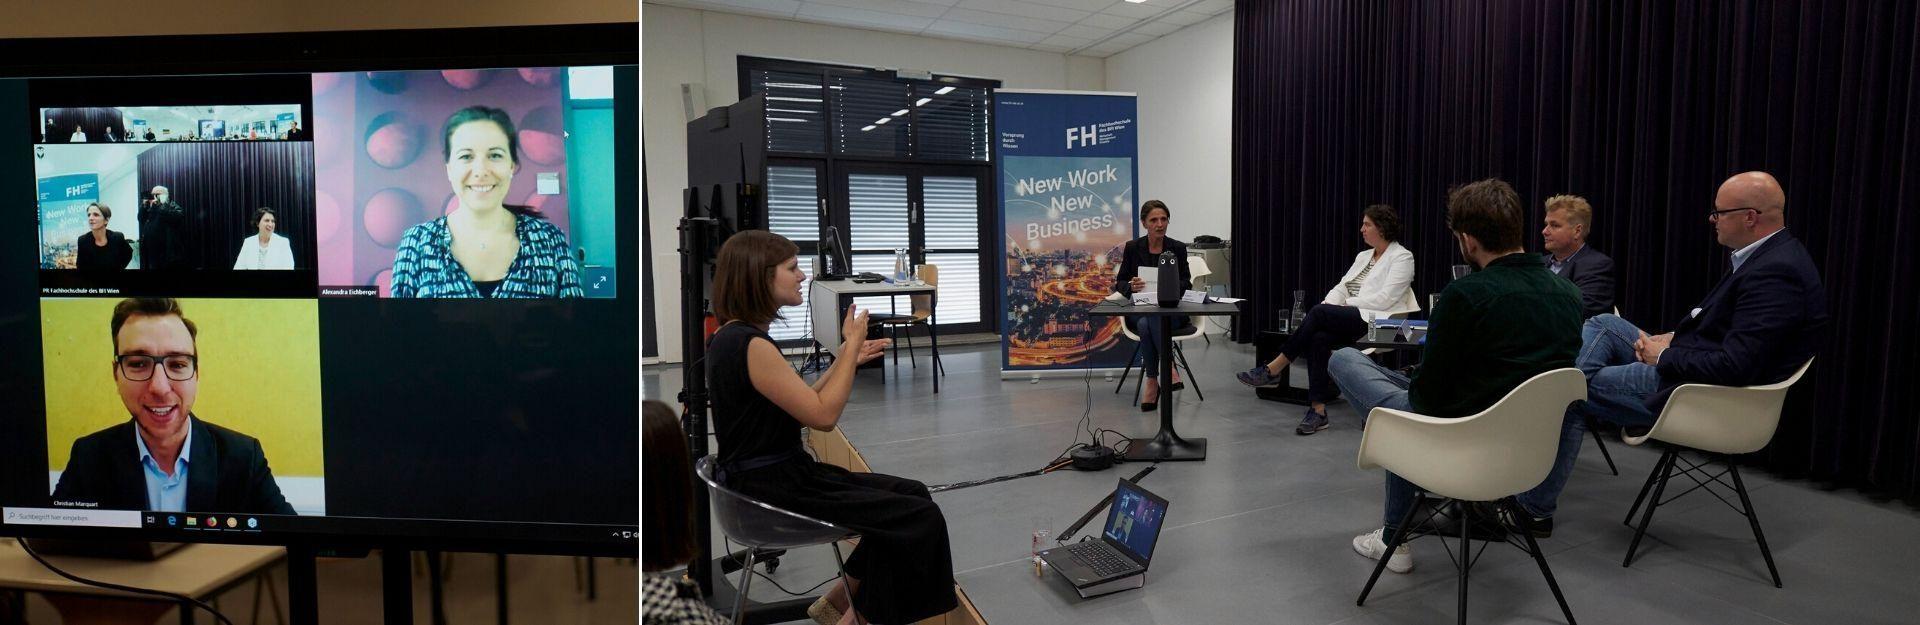 Teilnehmerinnen und Teilnehmer der Podiumsdiskussion diskutieren miteinander. 2 Teilnehmer sind via einem Webinar zugeschalten.